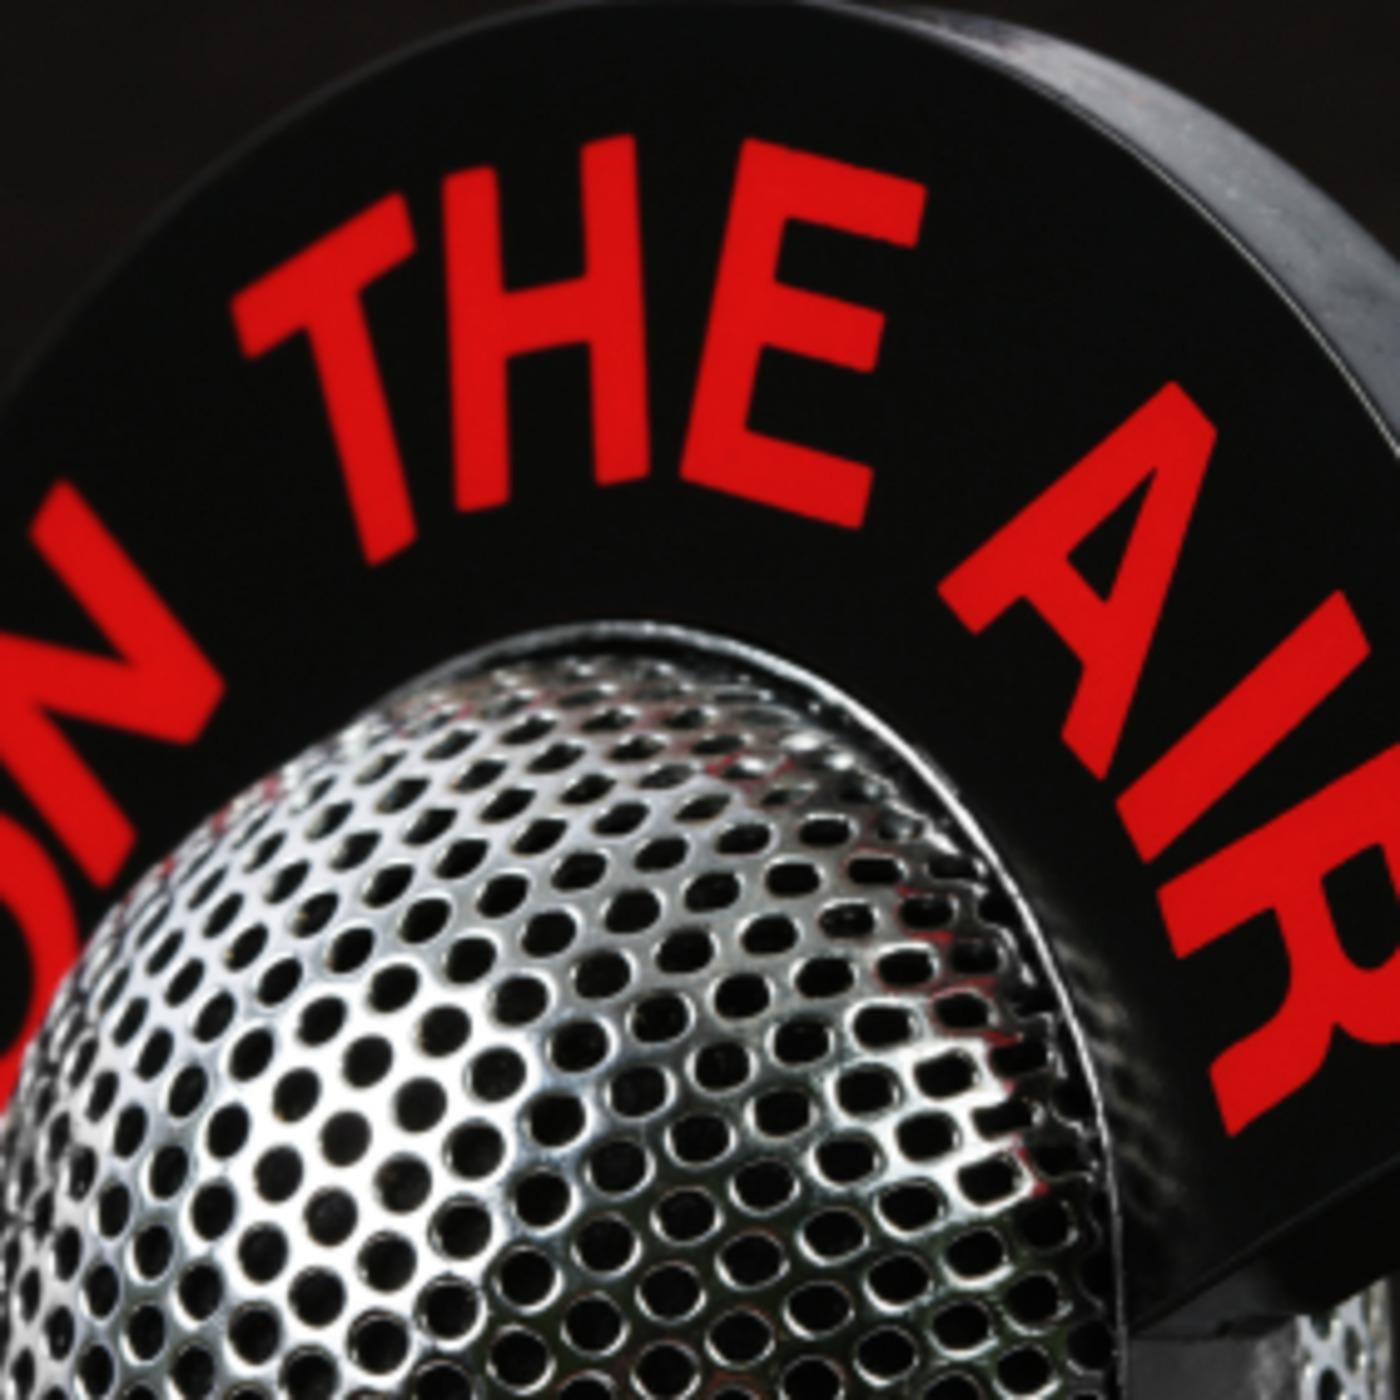 tony demetro's Podcast